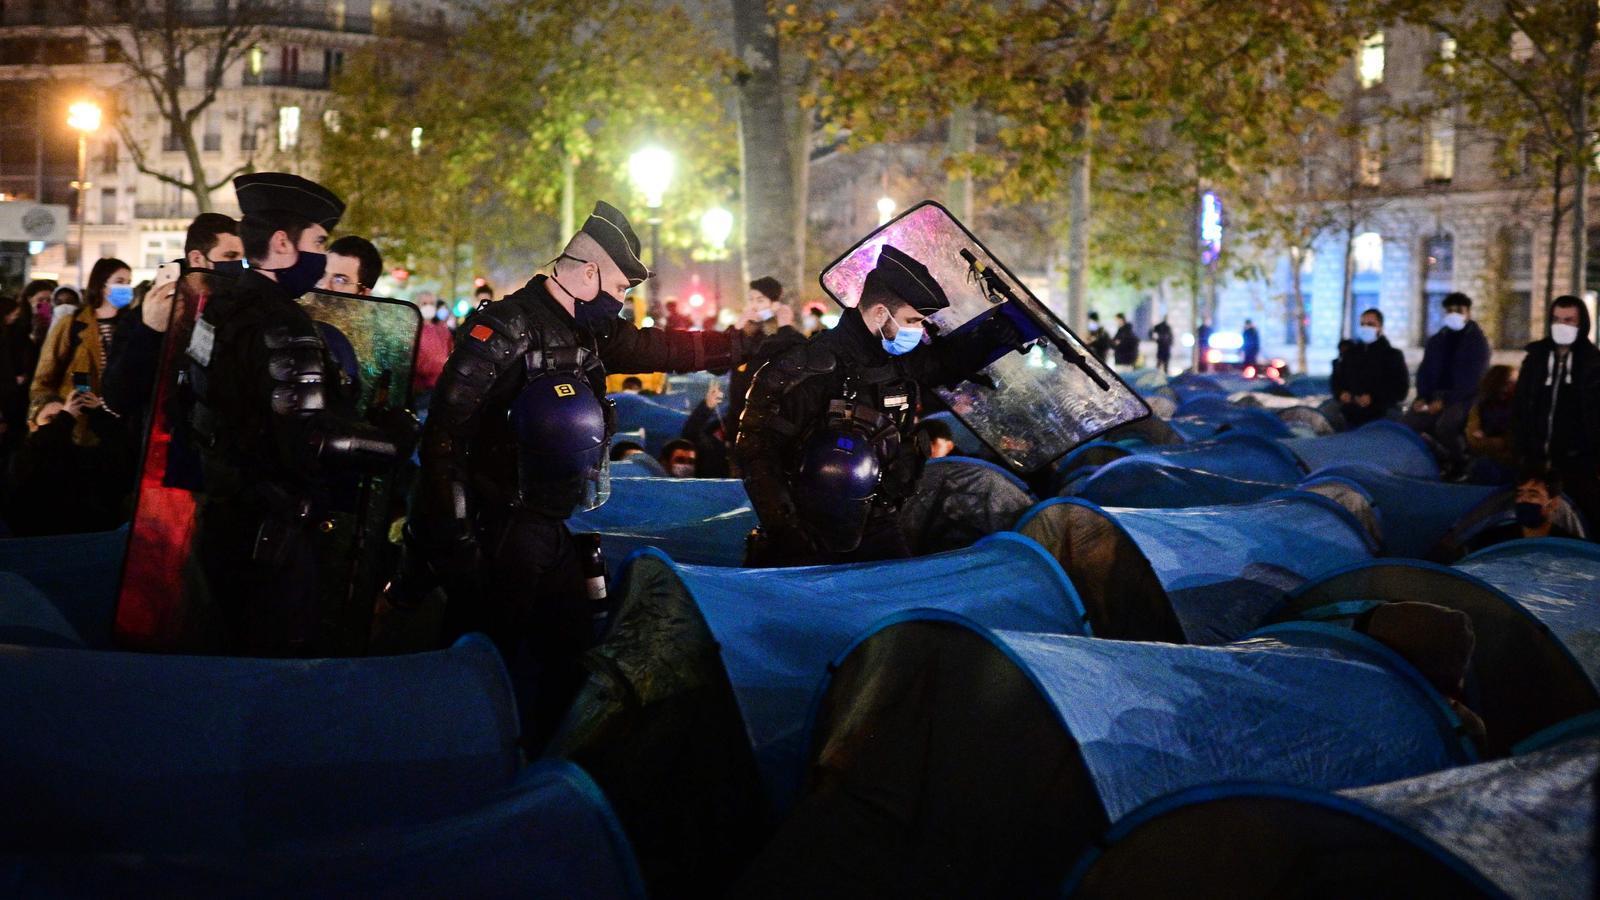 Policia Paris